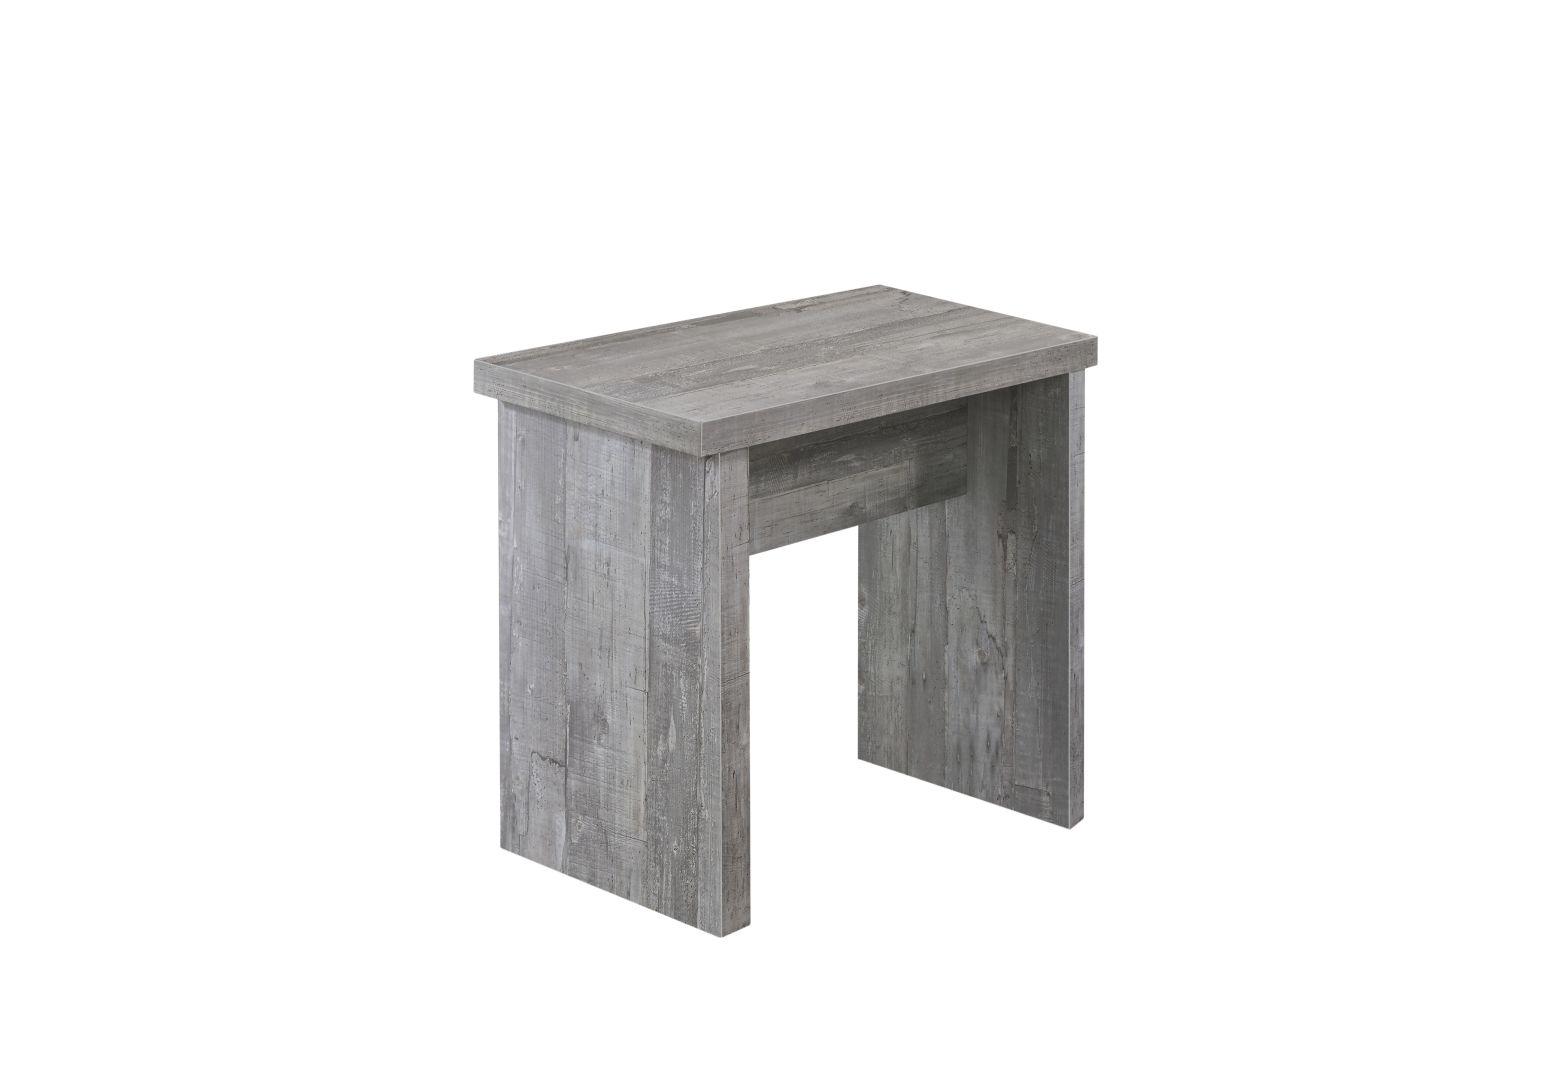 Sitzhocker 0585/45 beton